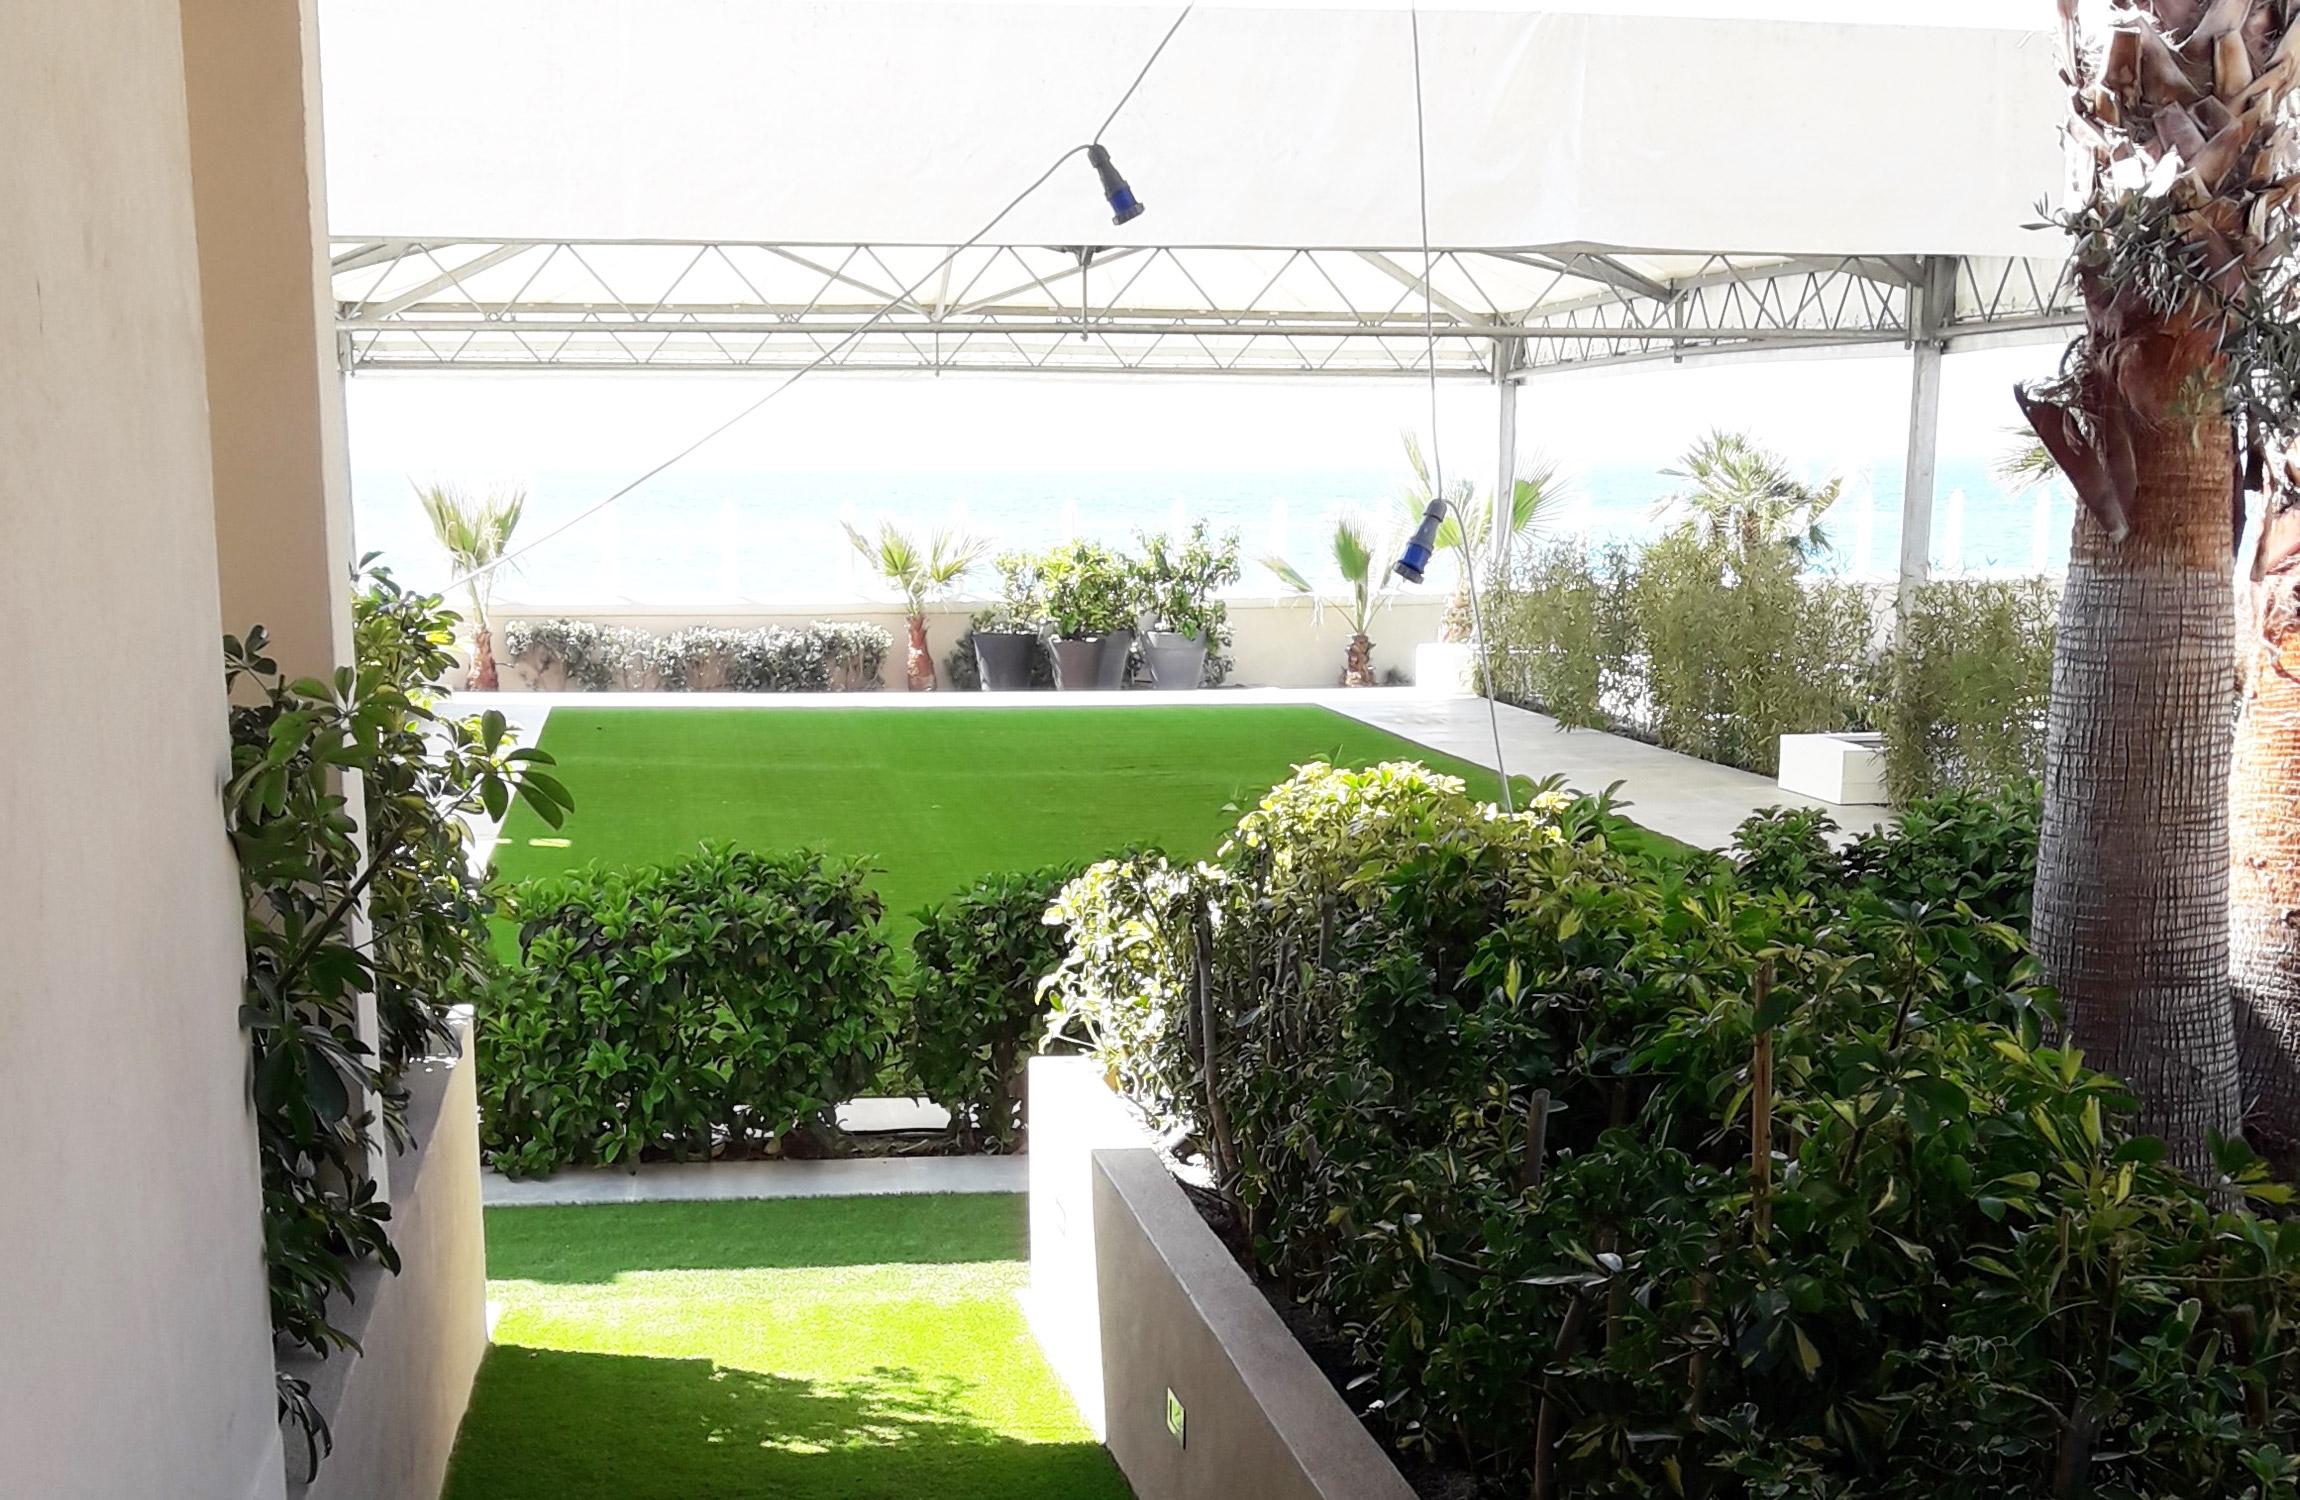 EverGreen: erba sintetica decorativa